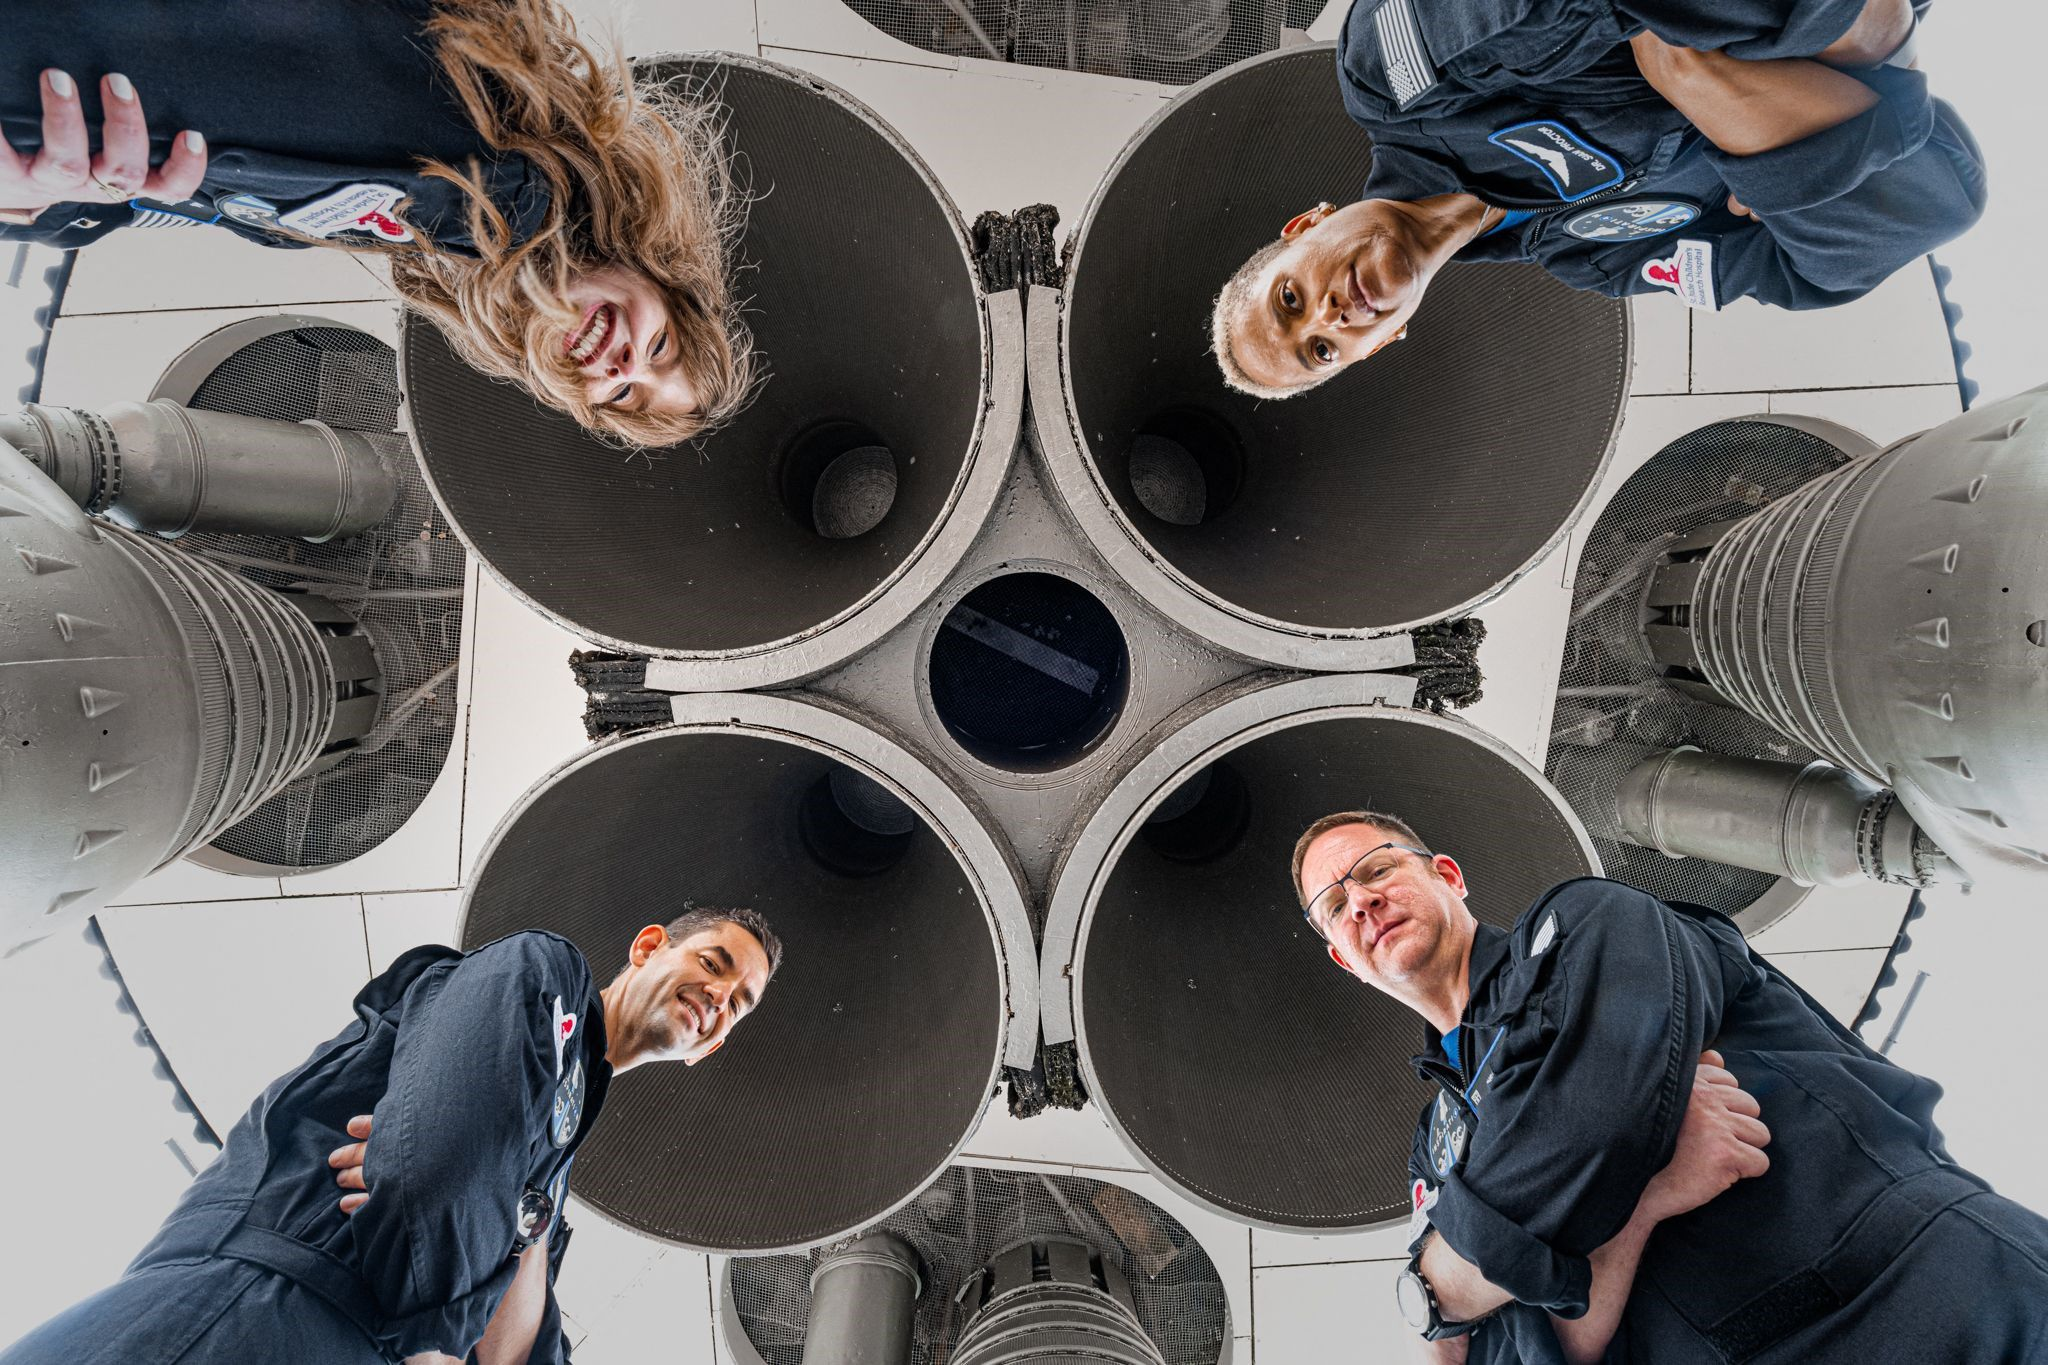 el-nuevo-turismo:-spacex-viaja-por-primera-vez-al-espacio-con-una-tripulacion-de-civiles